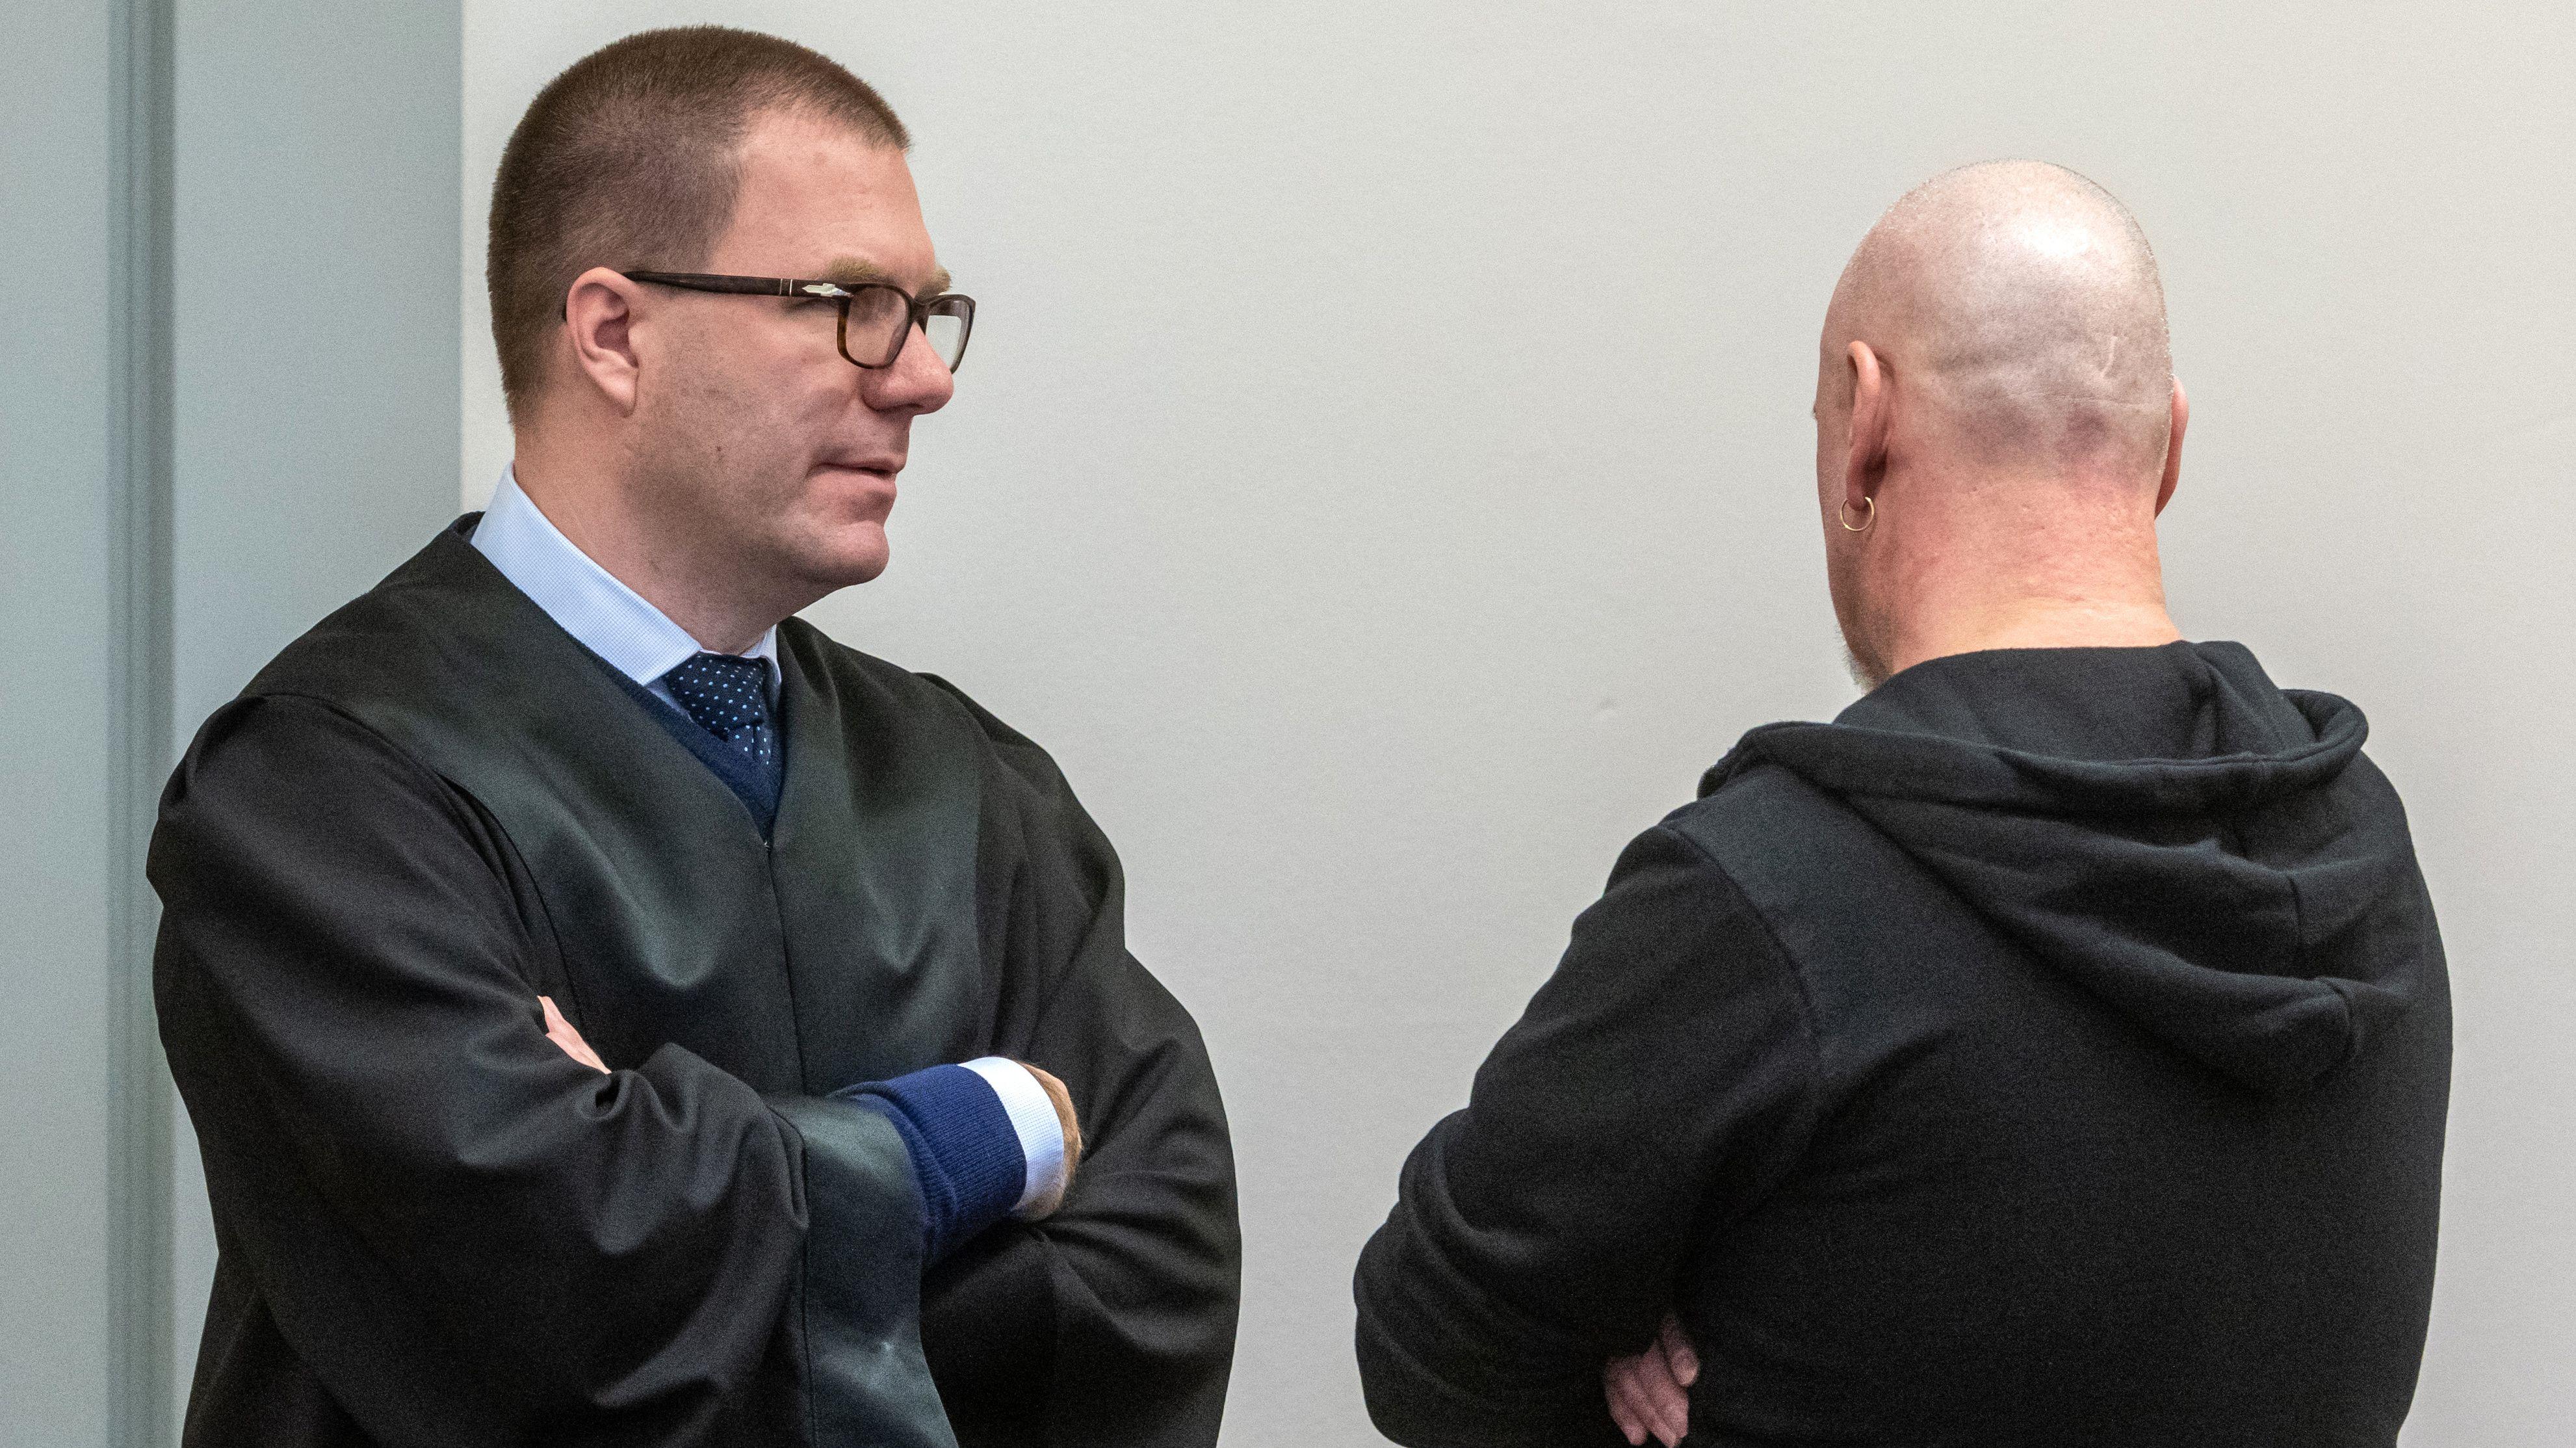 Der Angeklagte (re.) steht im Verhandlungssaal des Landgerichts neben seinem Verteidiger Sebastian Gaßmann.